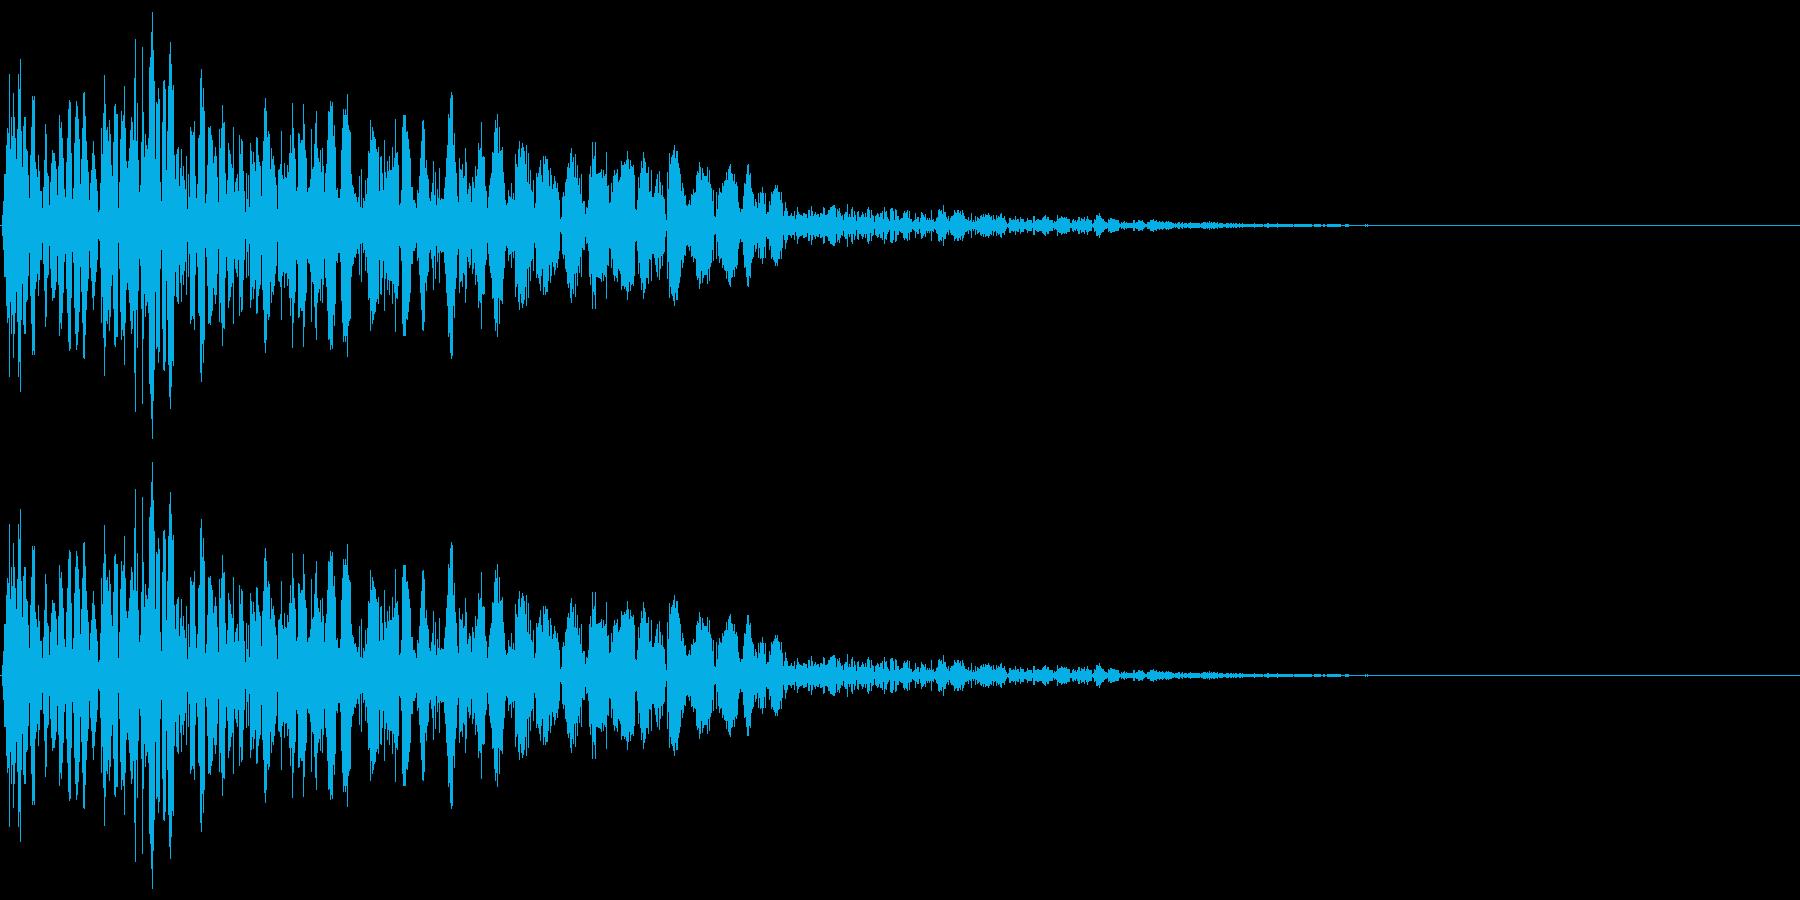 ズバン(パンチ・攻撃音・打撃音)の再生済みの波形